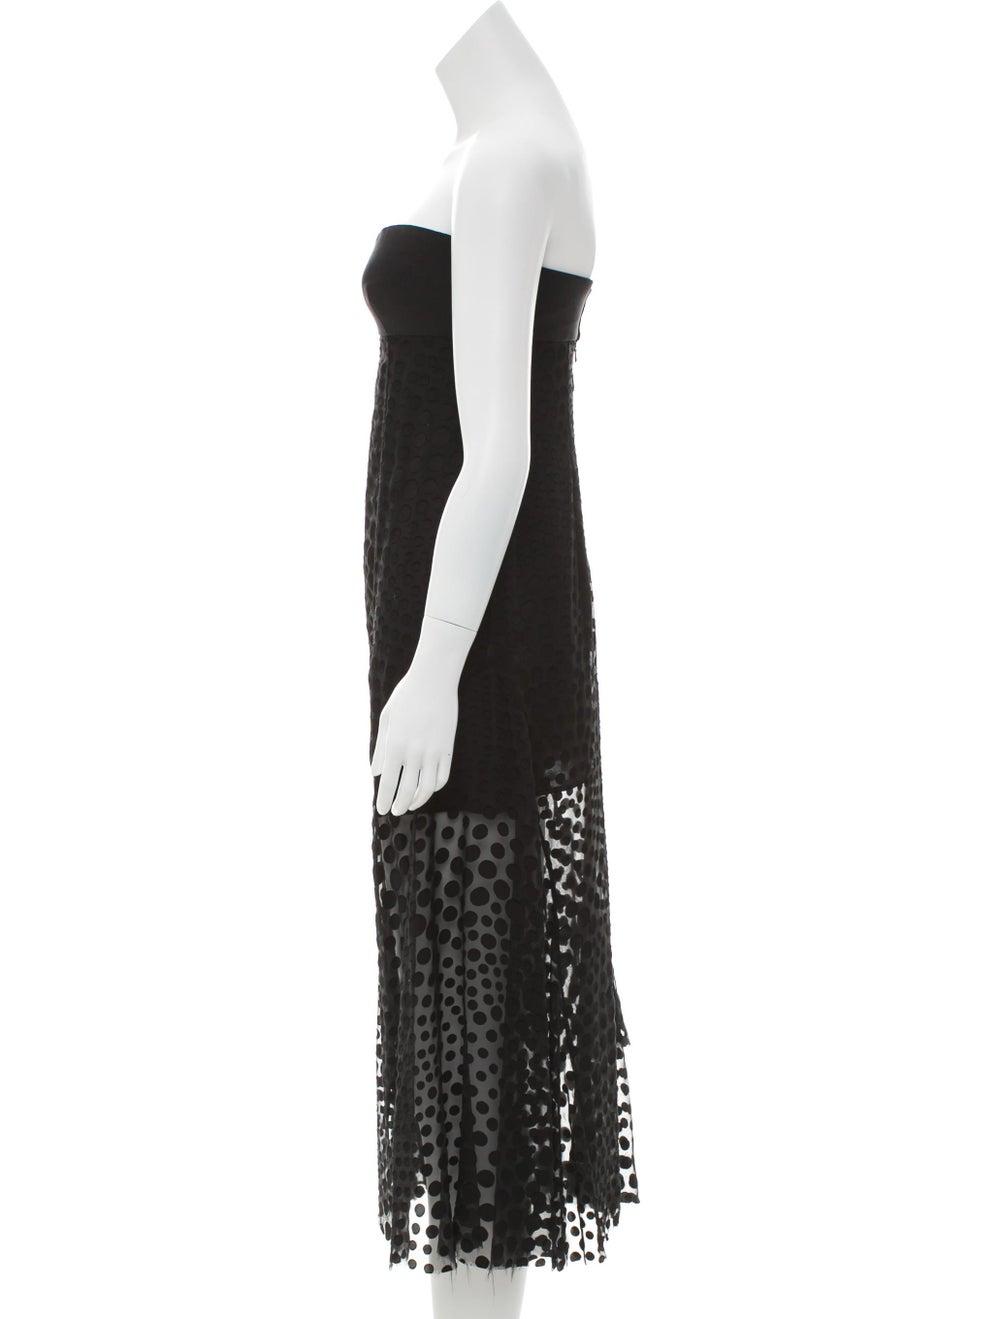 Cédric Charlier Strapless Fil-Coupé Dress Black - image 2